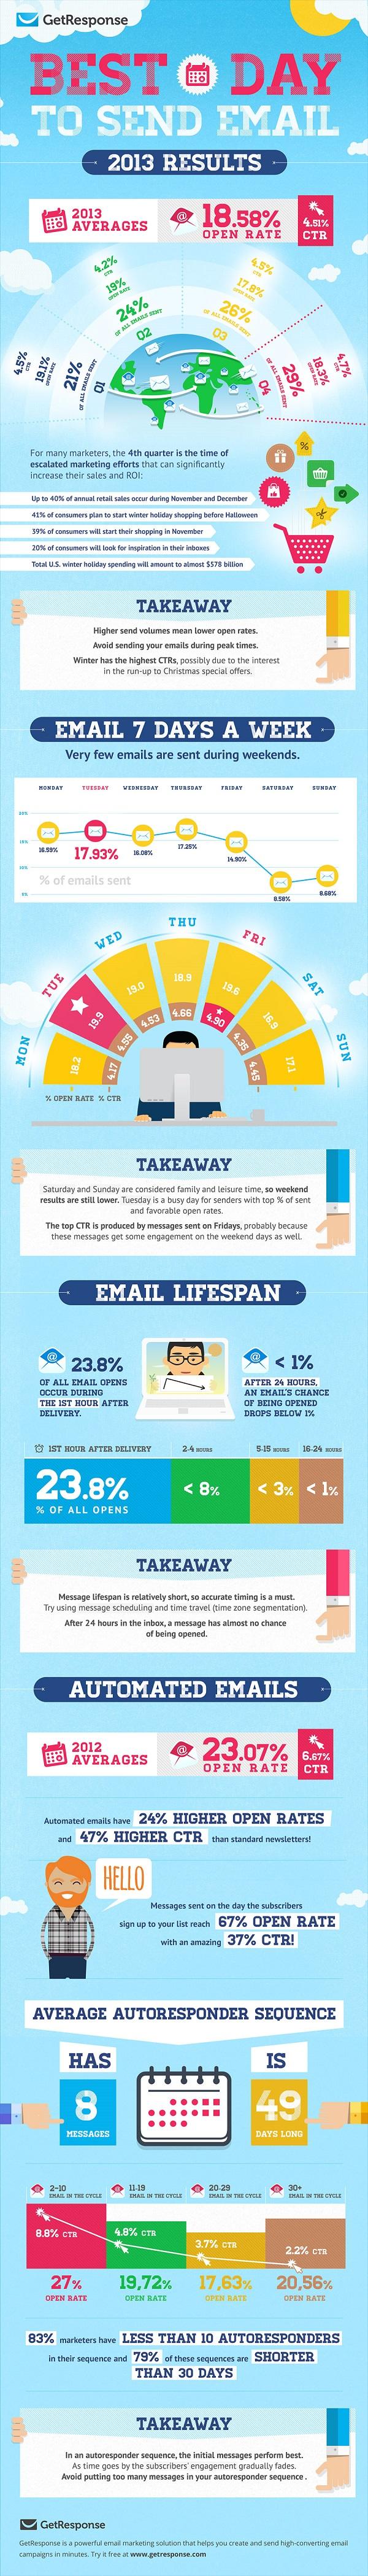 Meilleur jour pour envoyer des emails commerciaux